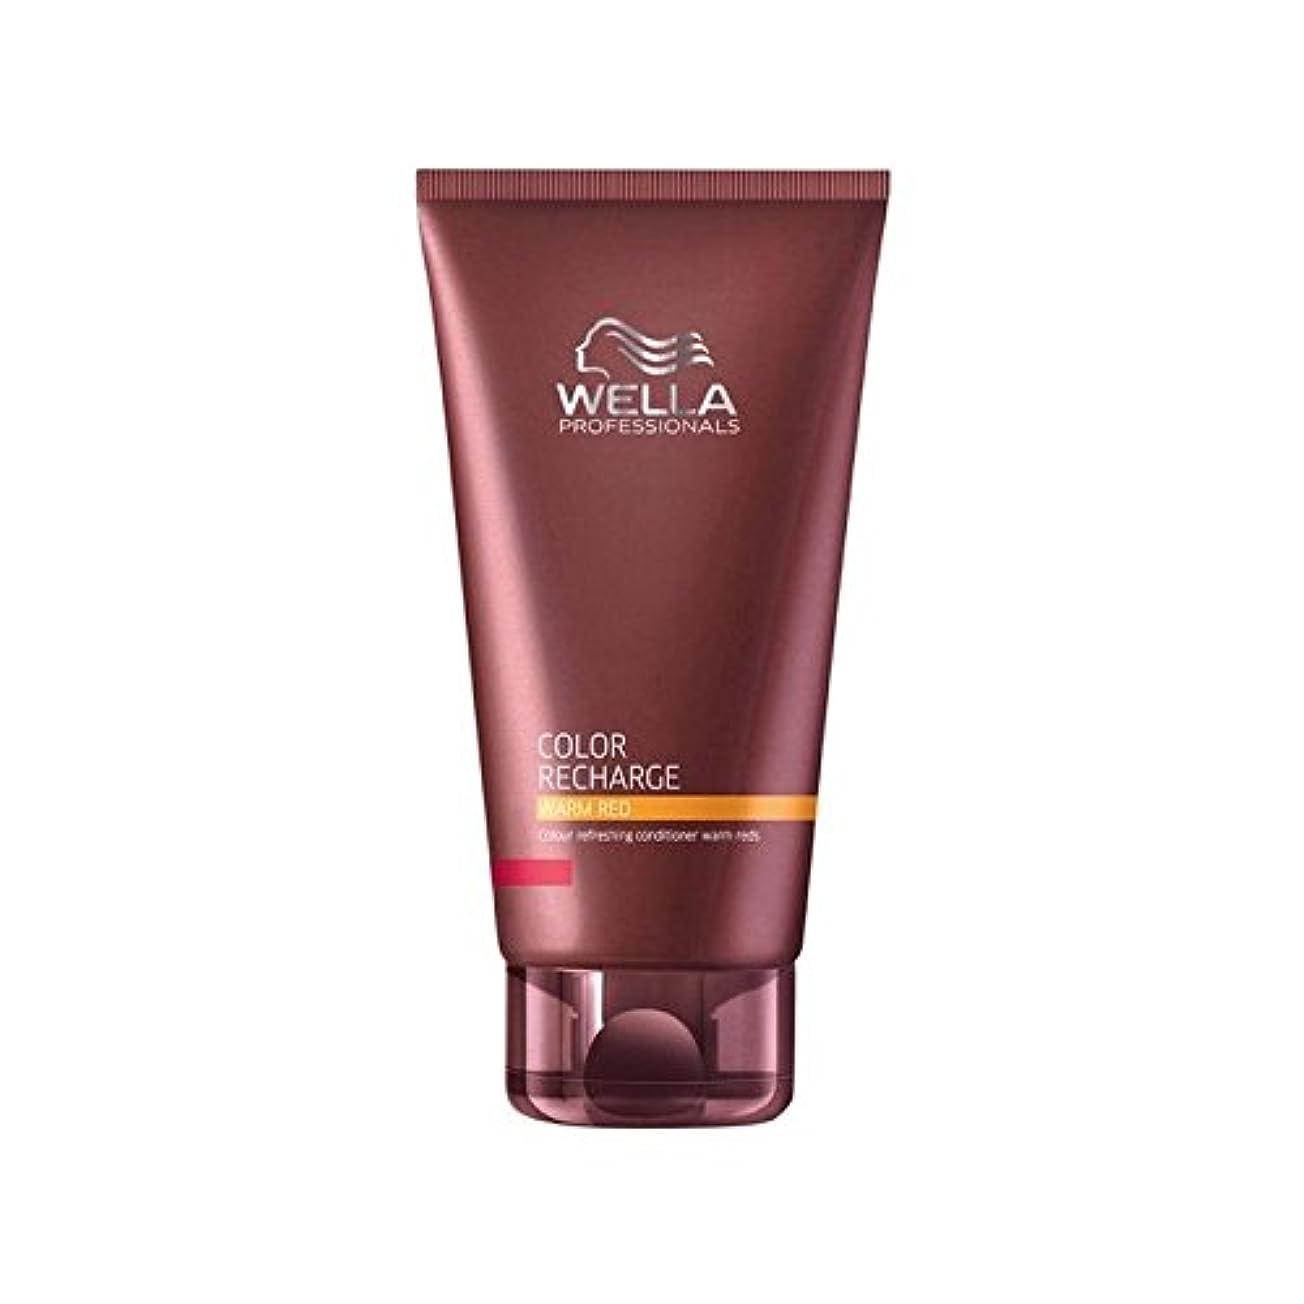 上下する先のことを考える部分Wella Professionals Color Recharge Conditioner Warm Red (200ml) - ウエラ専門家のカラー再充電コンディショナー暖かい赤(200ミリリットル) [並行輸入品]